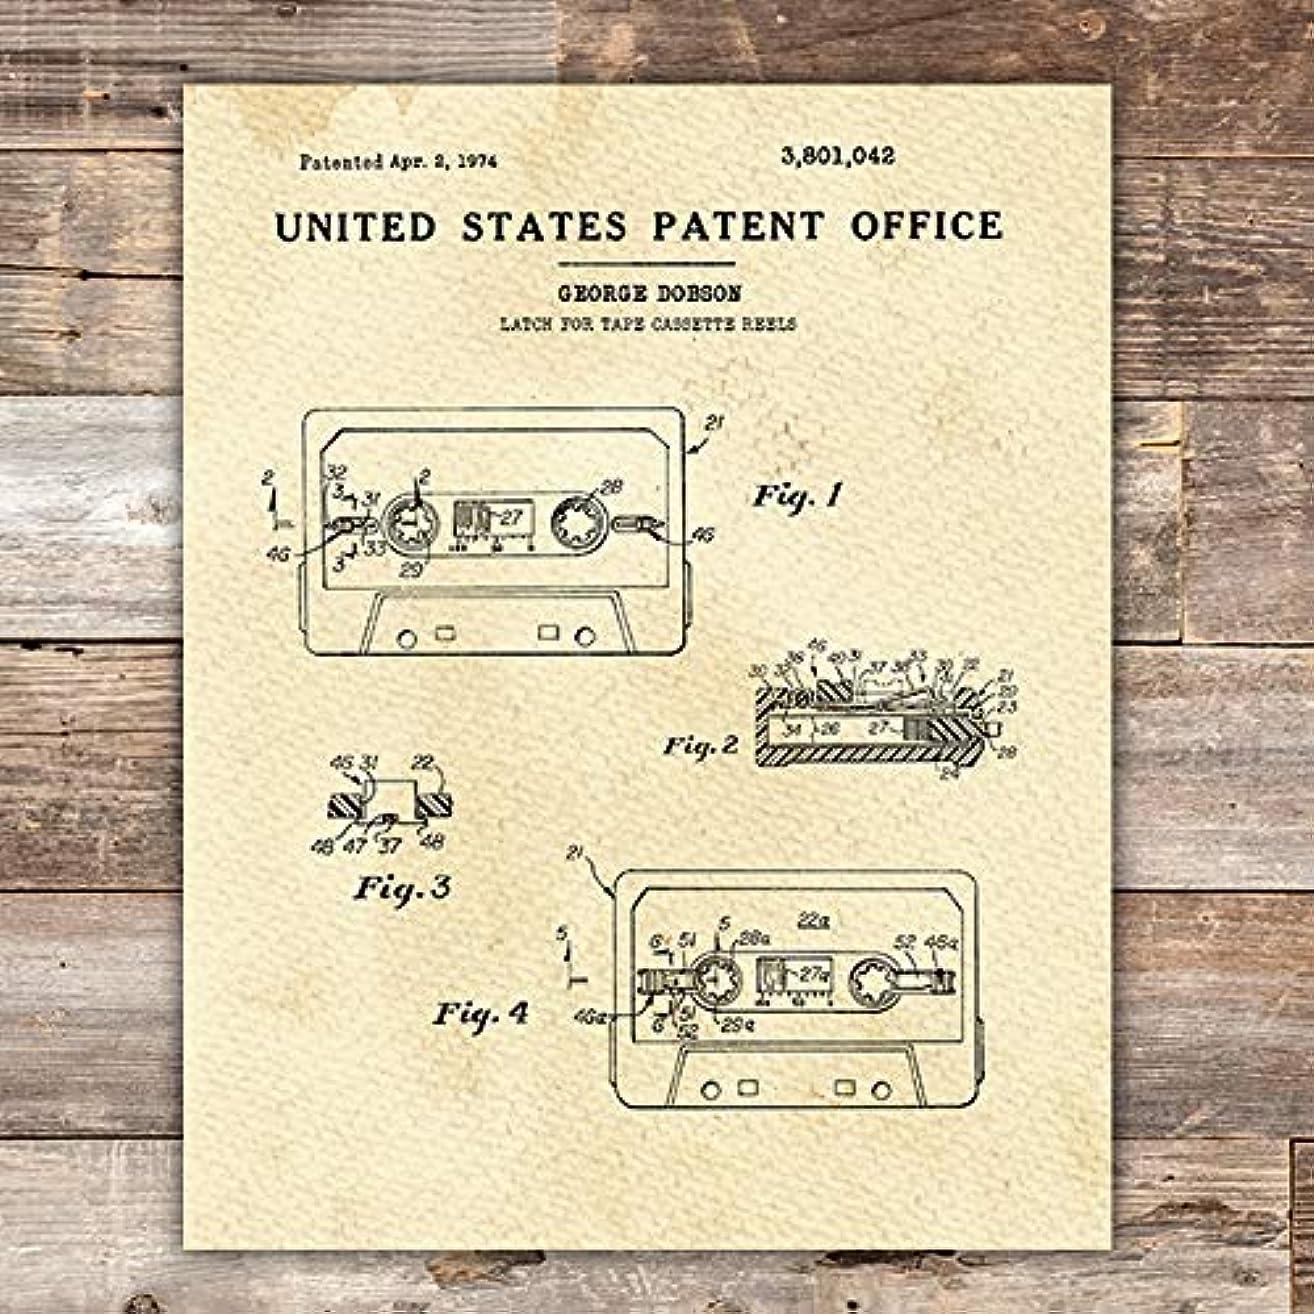 Cassette Tape Patent Print Wall Art - Unframed - 8x10